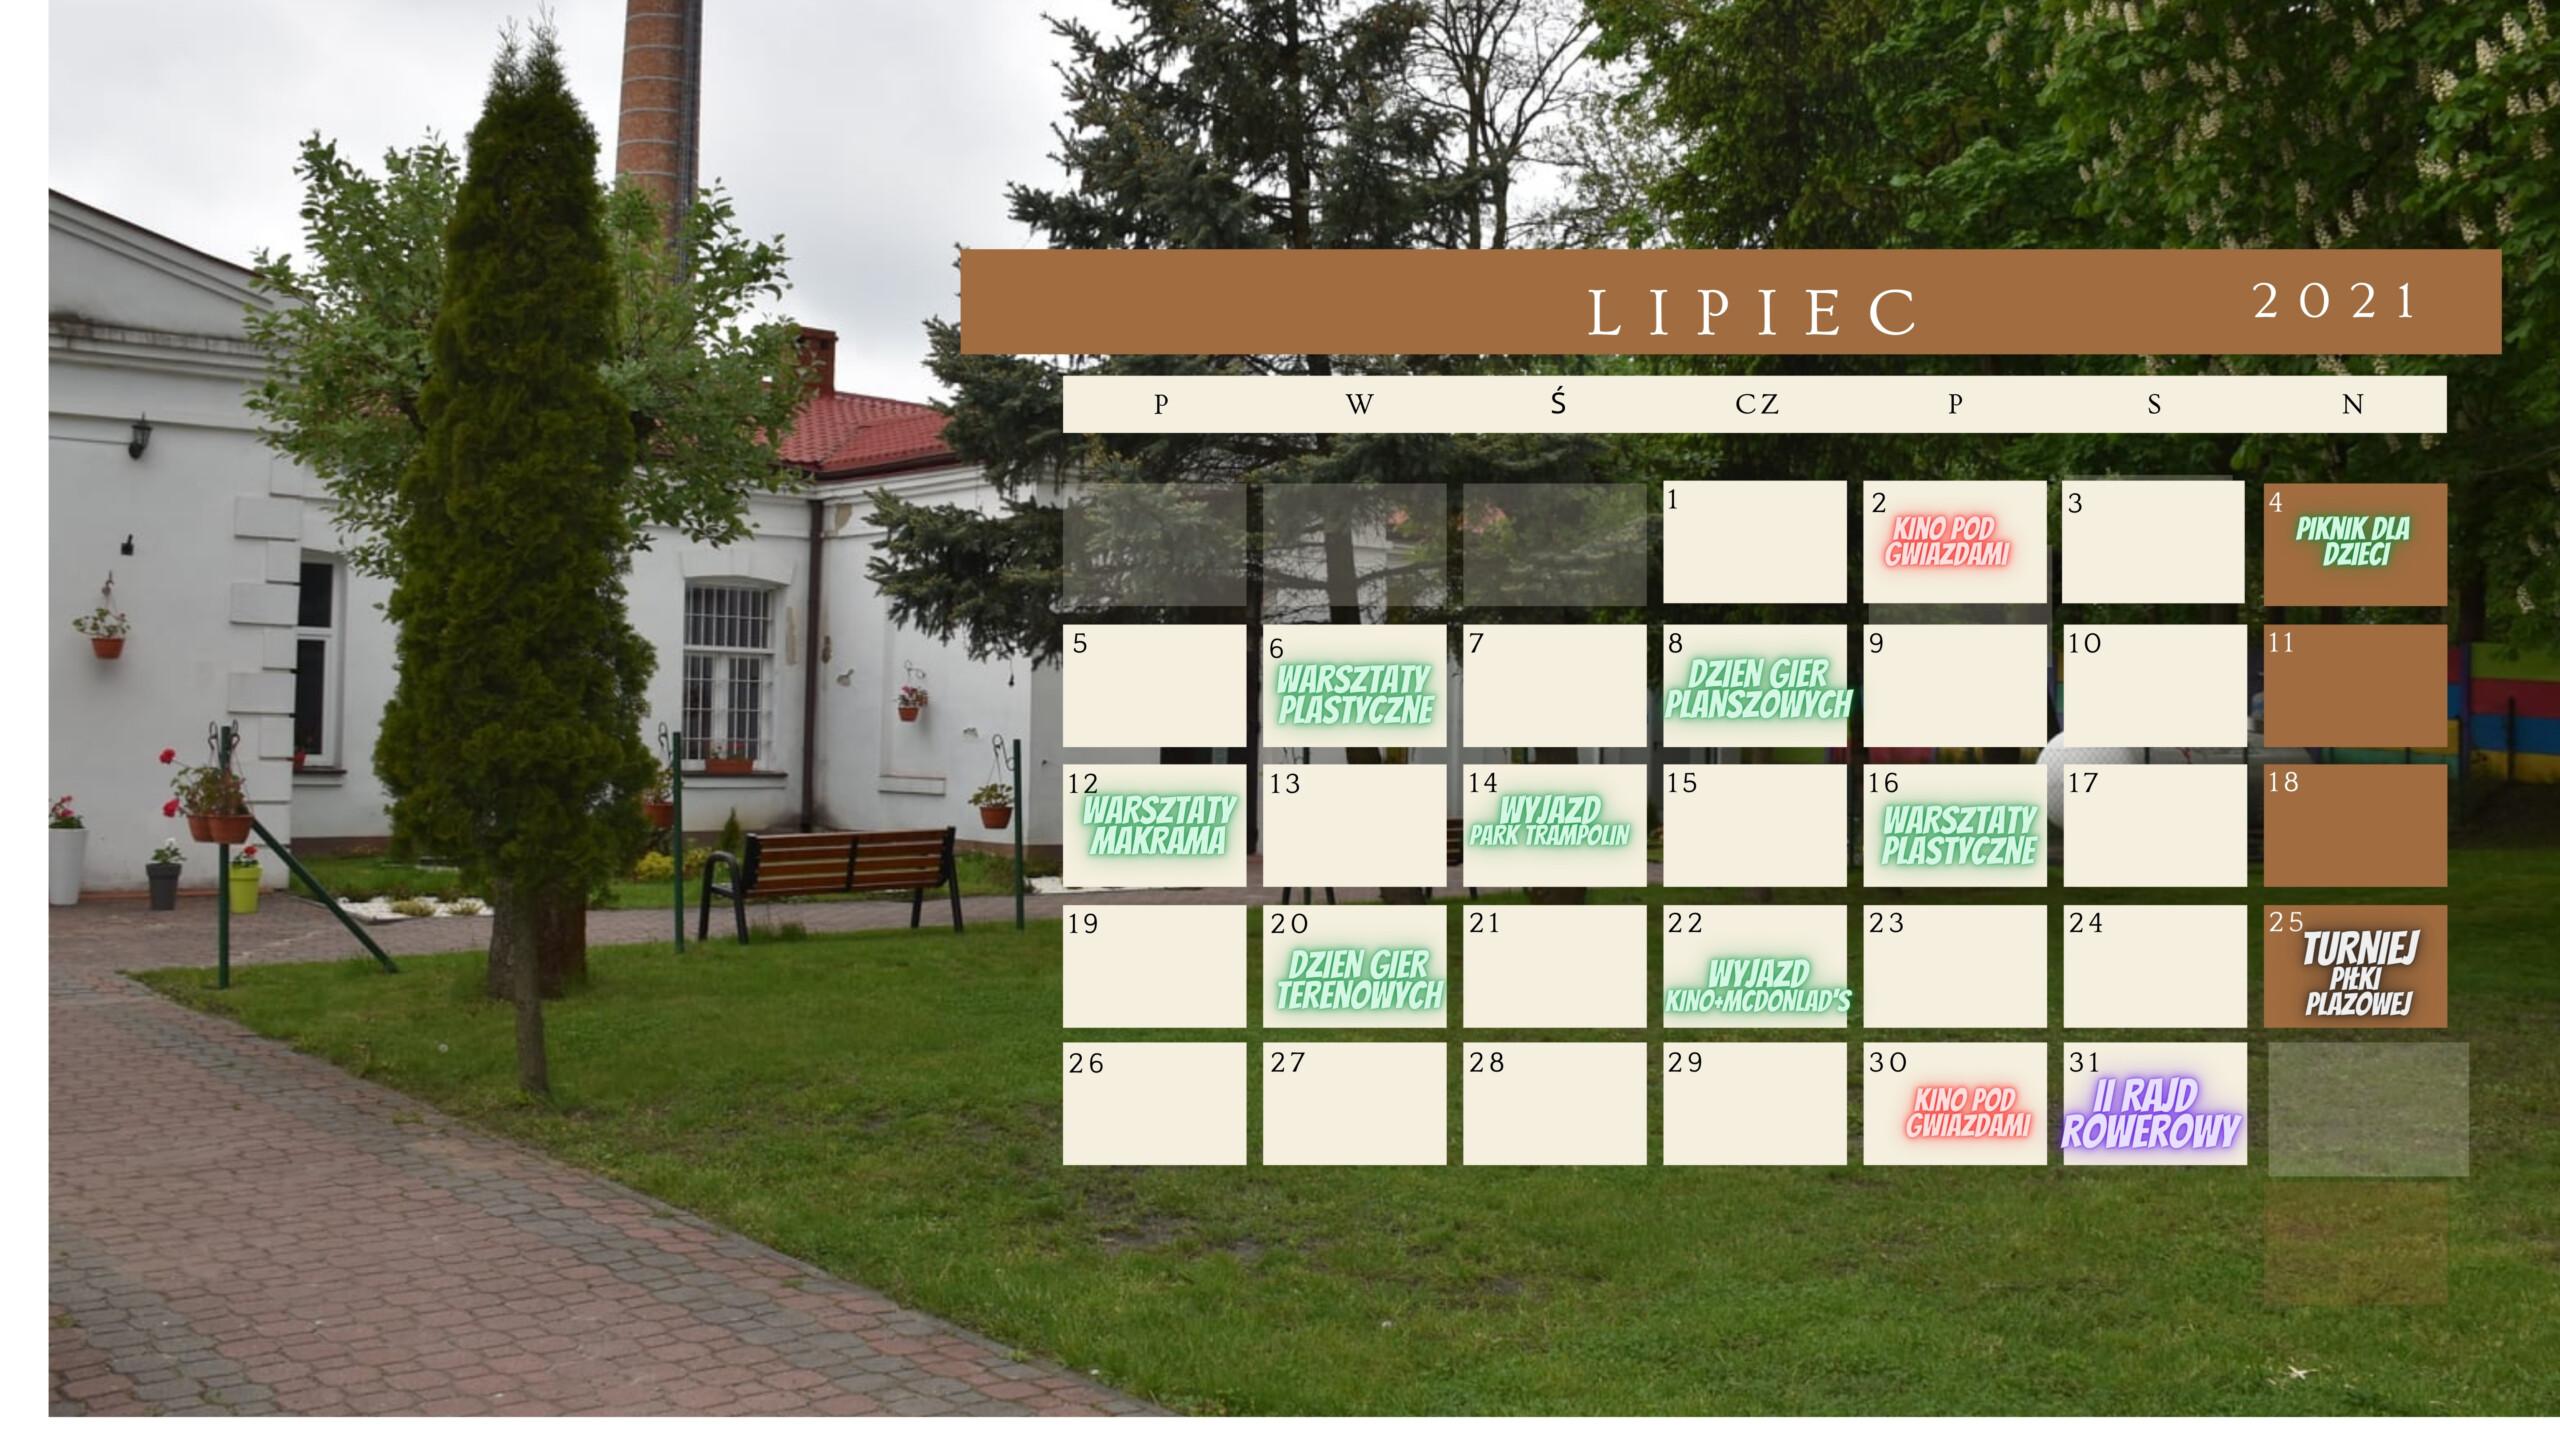 lipiec-2